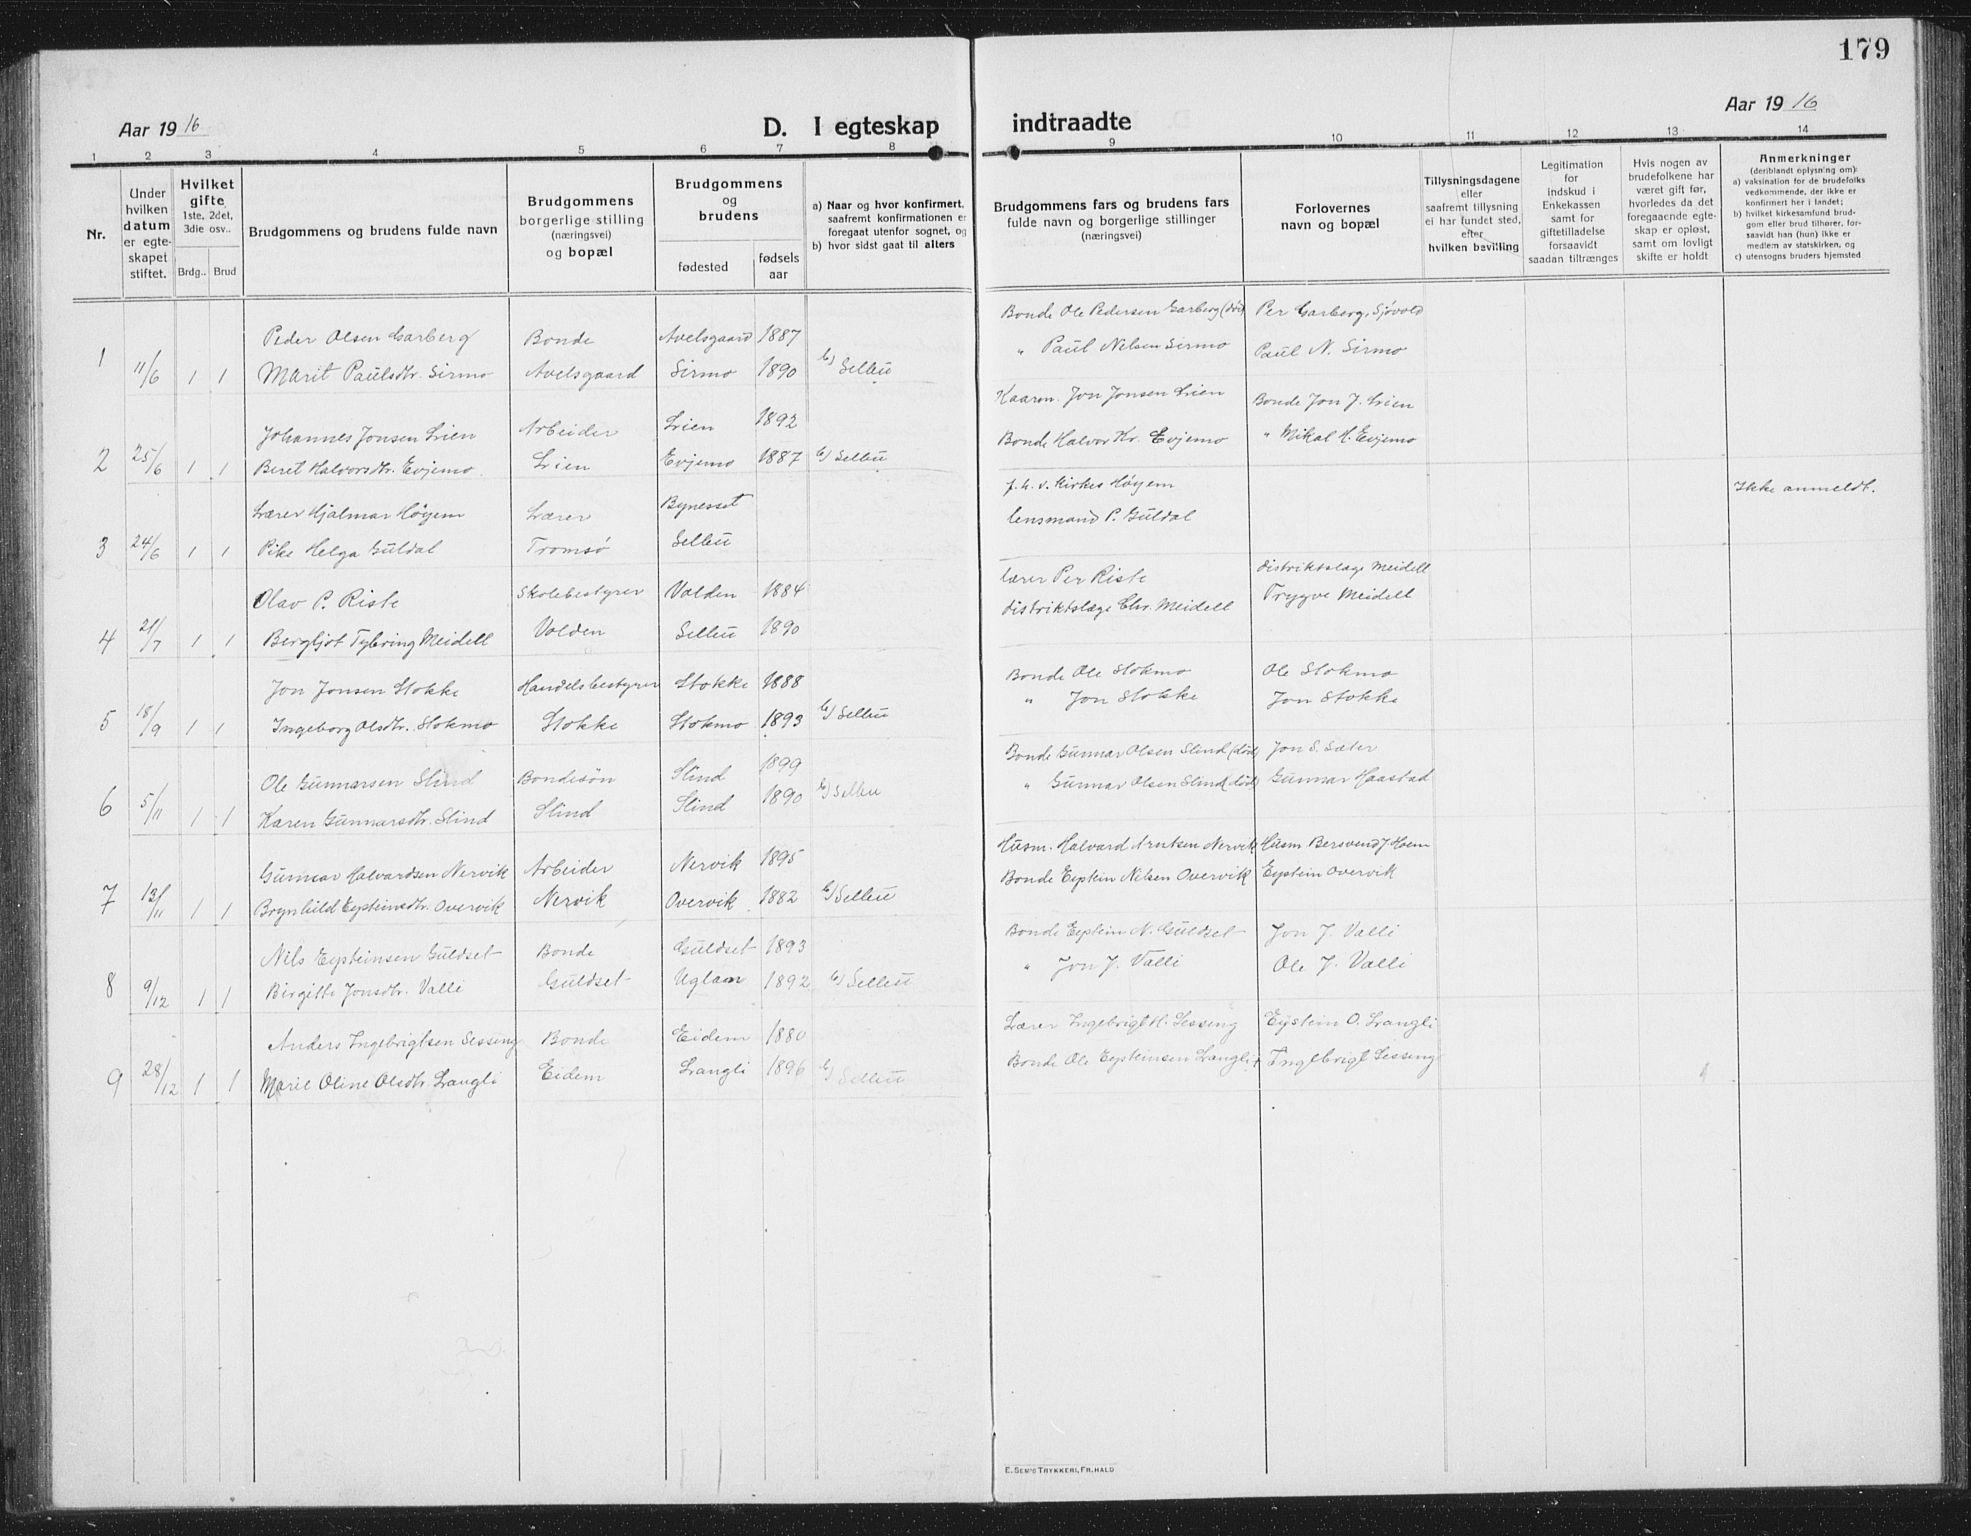 SAT, Ministerialprotokoller, klokkerbøker og fødselsregistre - Sør-Trøndelag, 695/L1158: Klokkerbok nr. 695C09, 1913-1940, s. 179